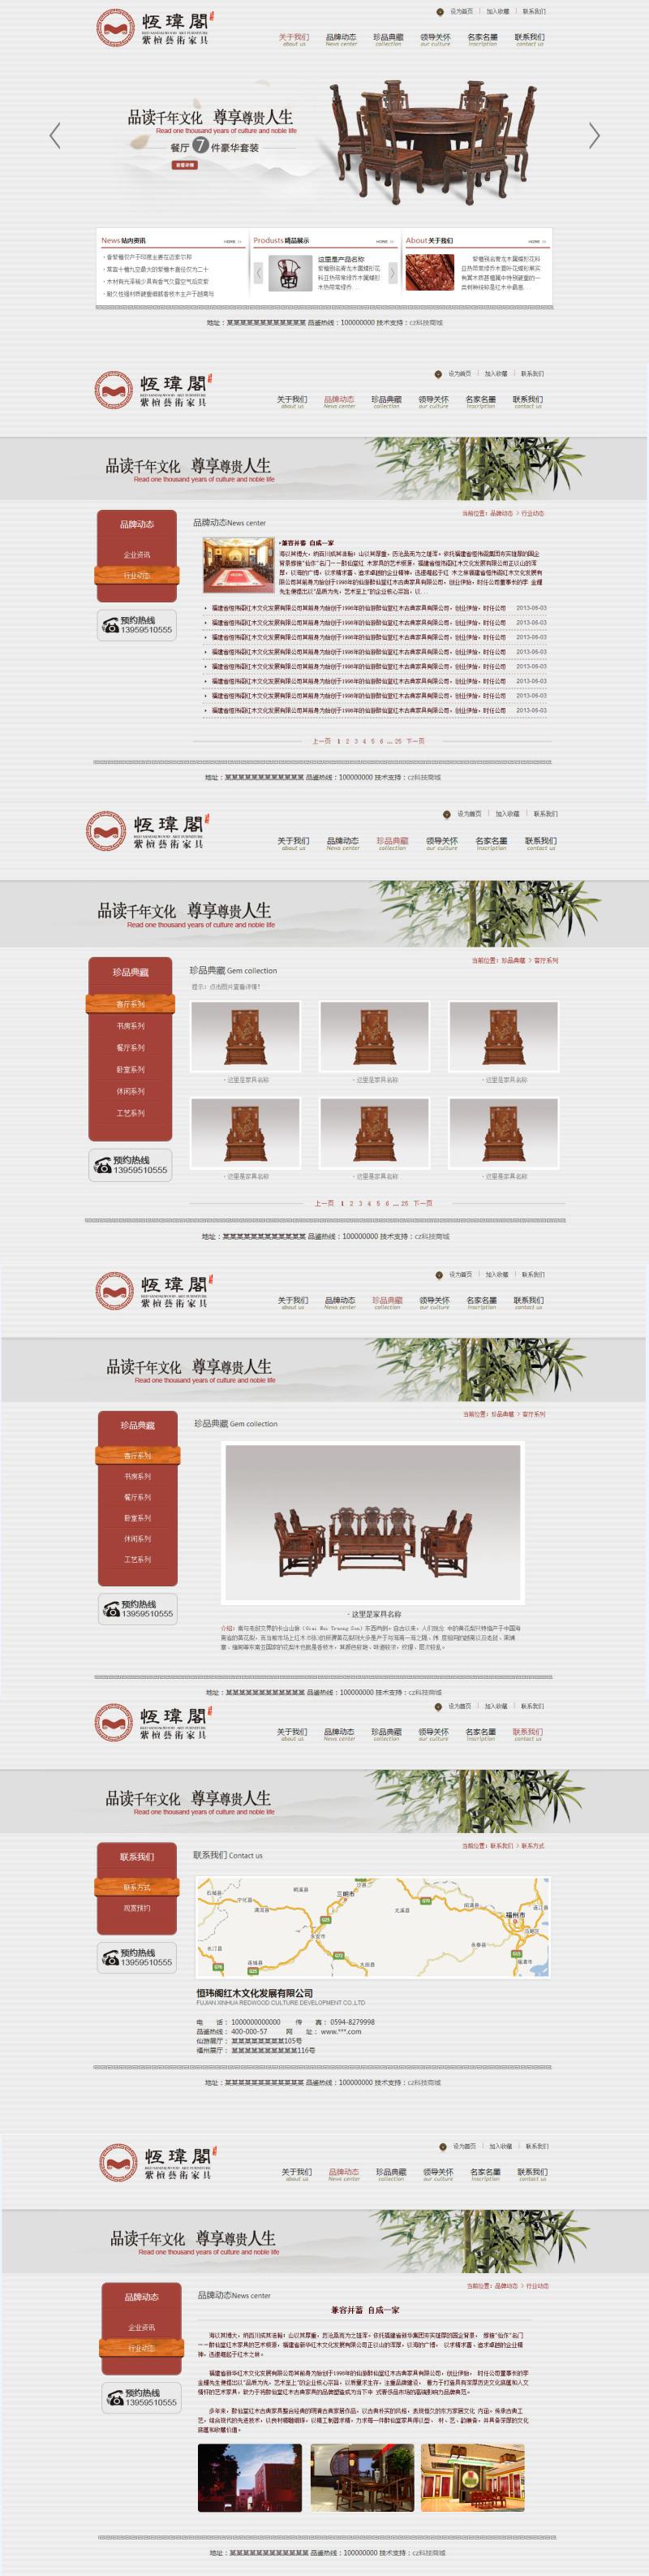 复古的红木家具网站模板html整站下载 -1